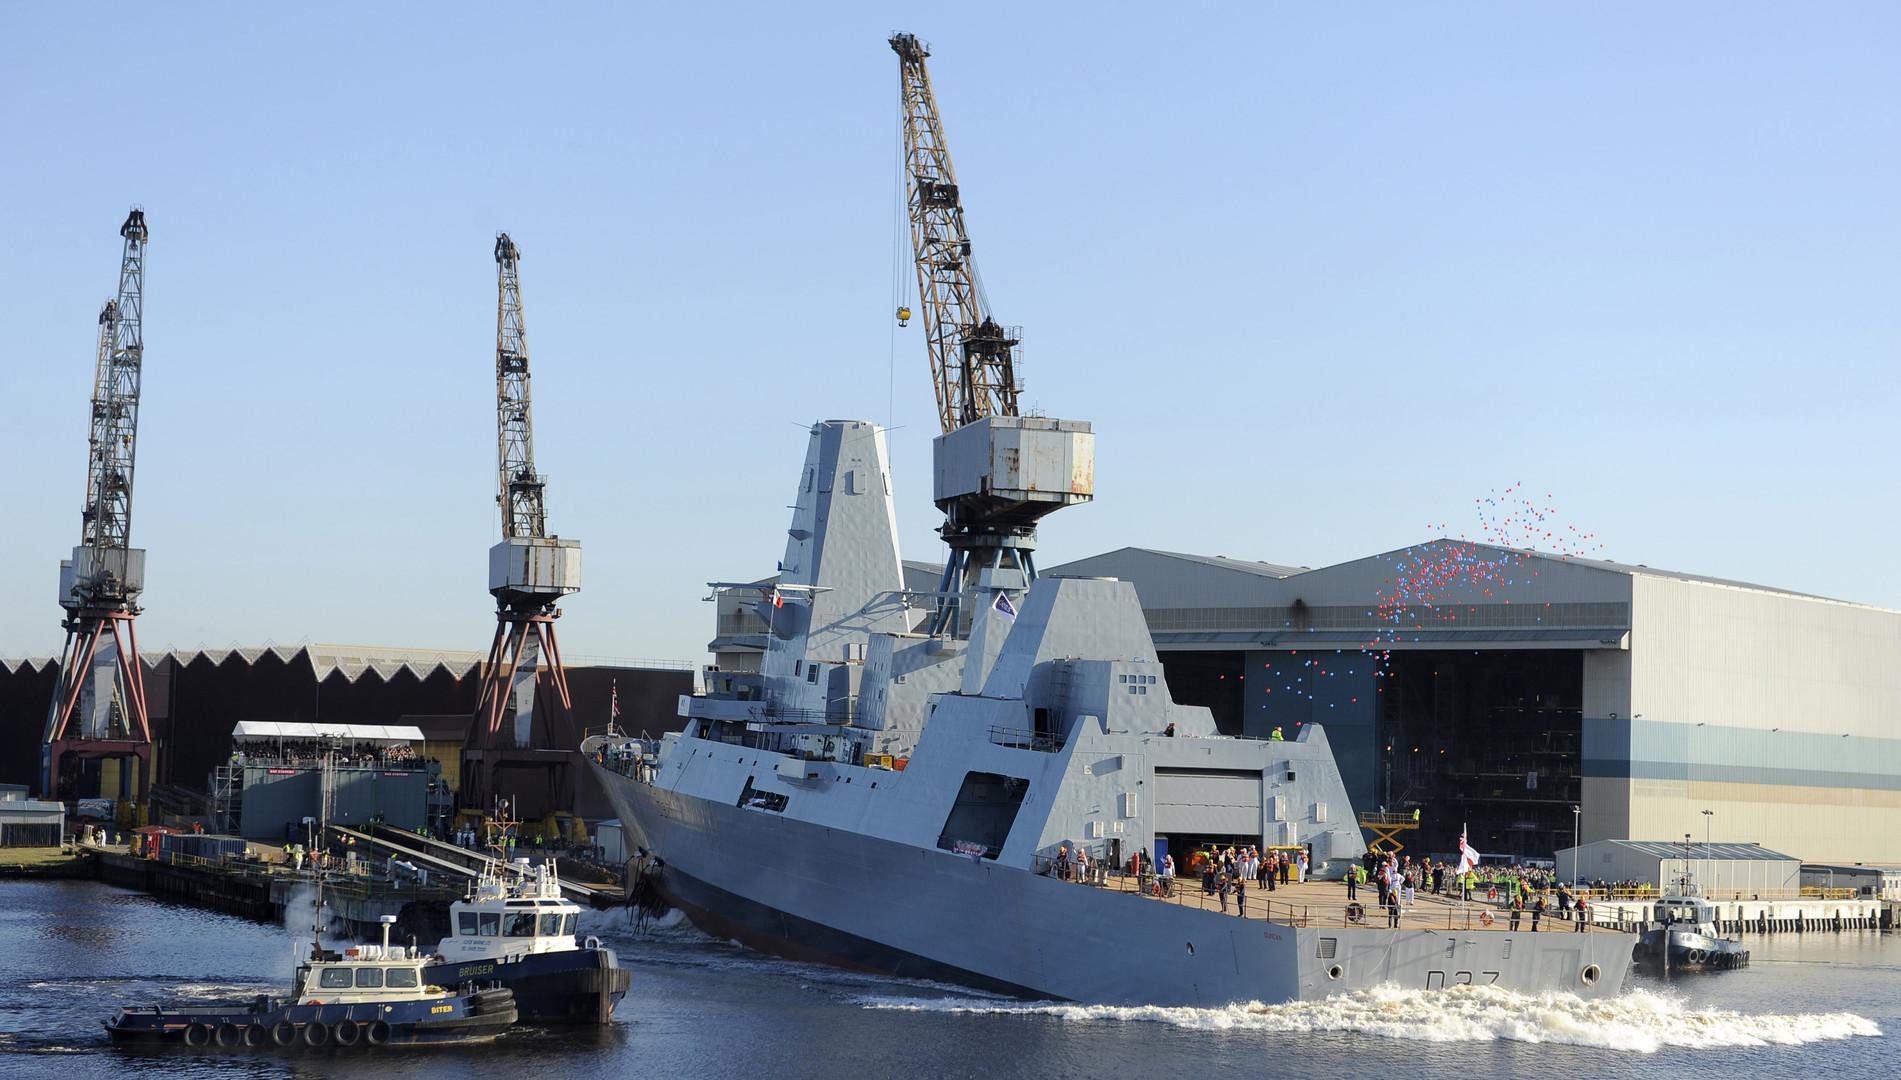 بريطانيا ترسل سفينة حربية ثانية إلى الخليج على خلفية التوتر مع إيران